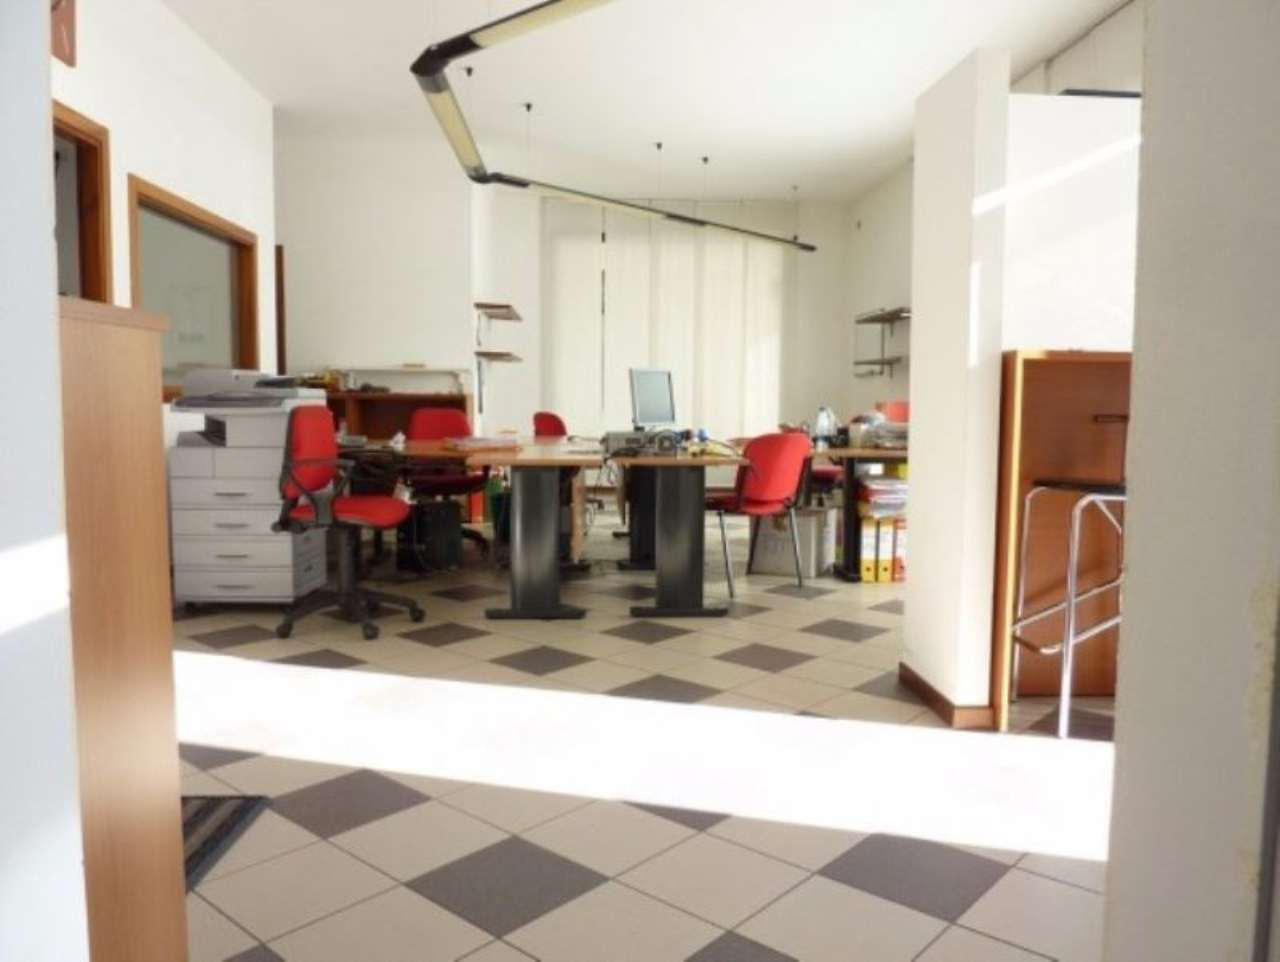 Ufficio / Studio in affitto a Villorba, 4 locali, prezzo € 1.250 | Cambio Casa.it